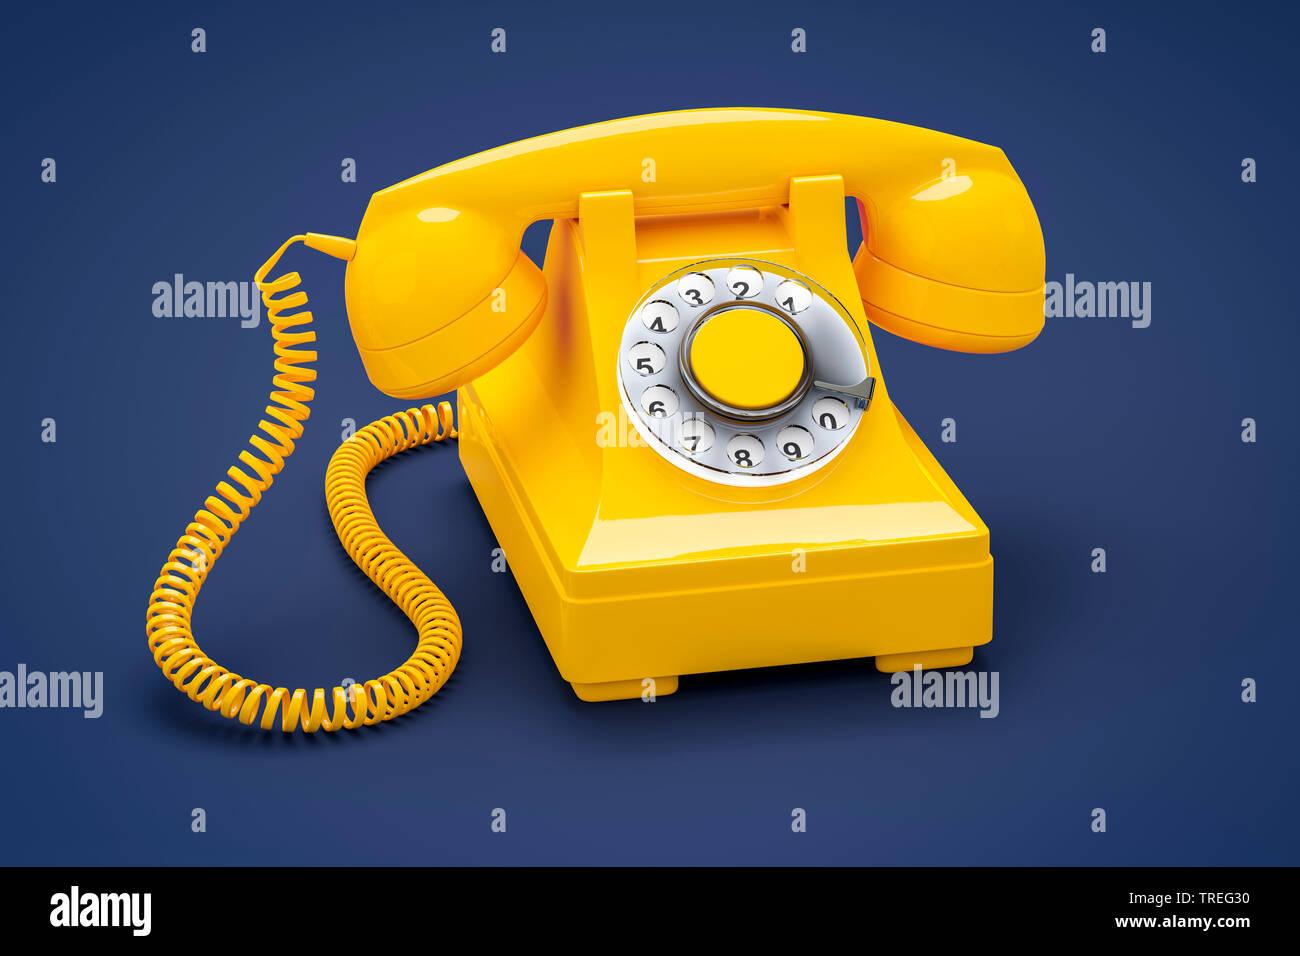 3D-Computergrafik, altmodisches Telefon mit Hoerer in Gelb vor blauem Hintergrund | 3D computer graphic, vintage telephone set with earphone in yellow - Stock Image